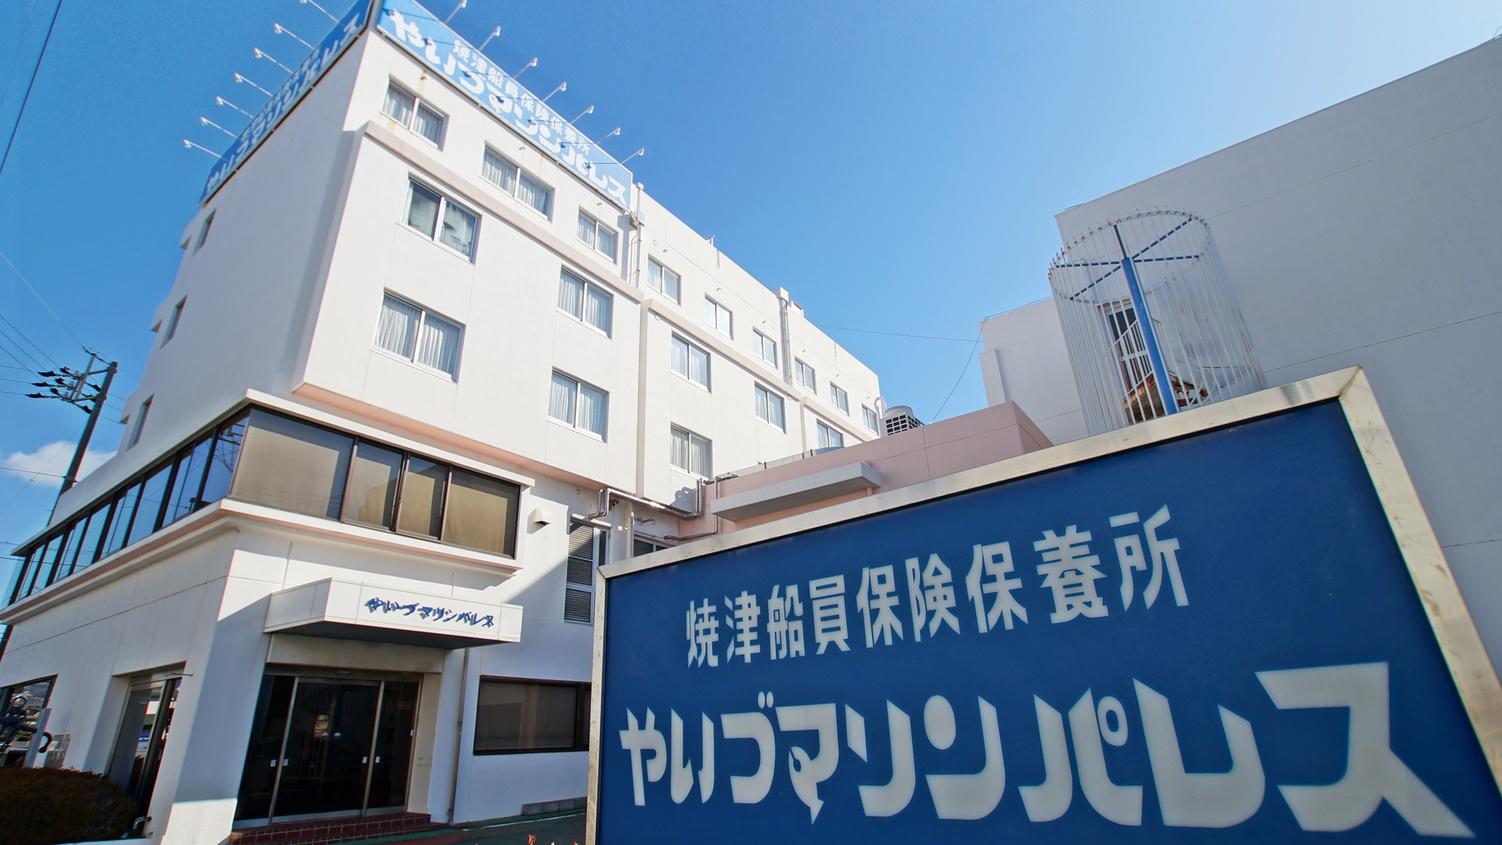 焼津船員保険保養所 やいづマリンパレスの施設画像